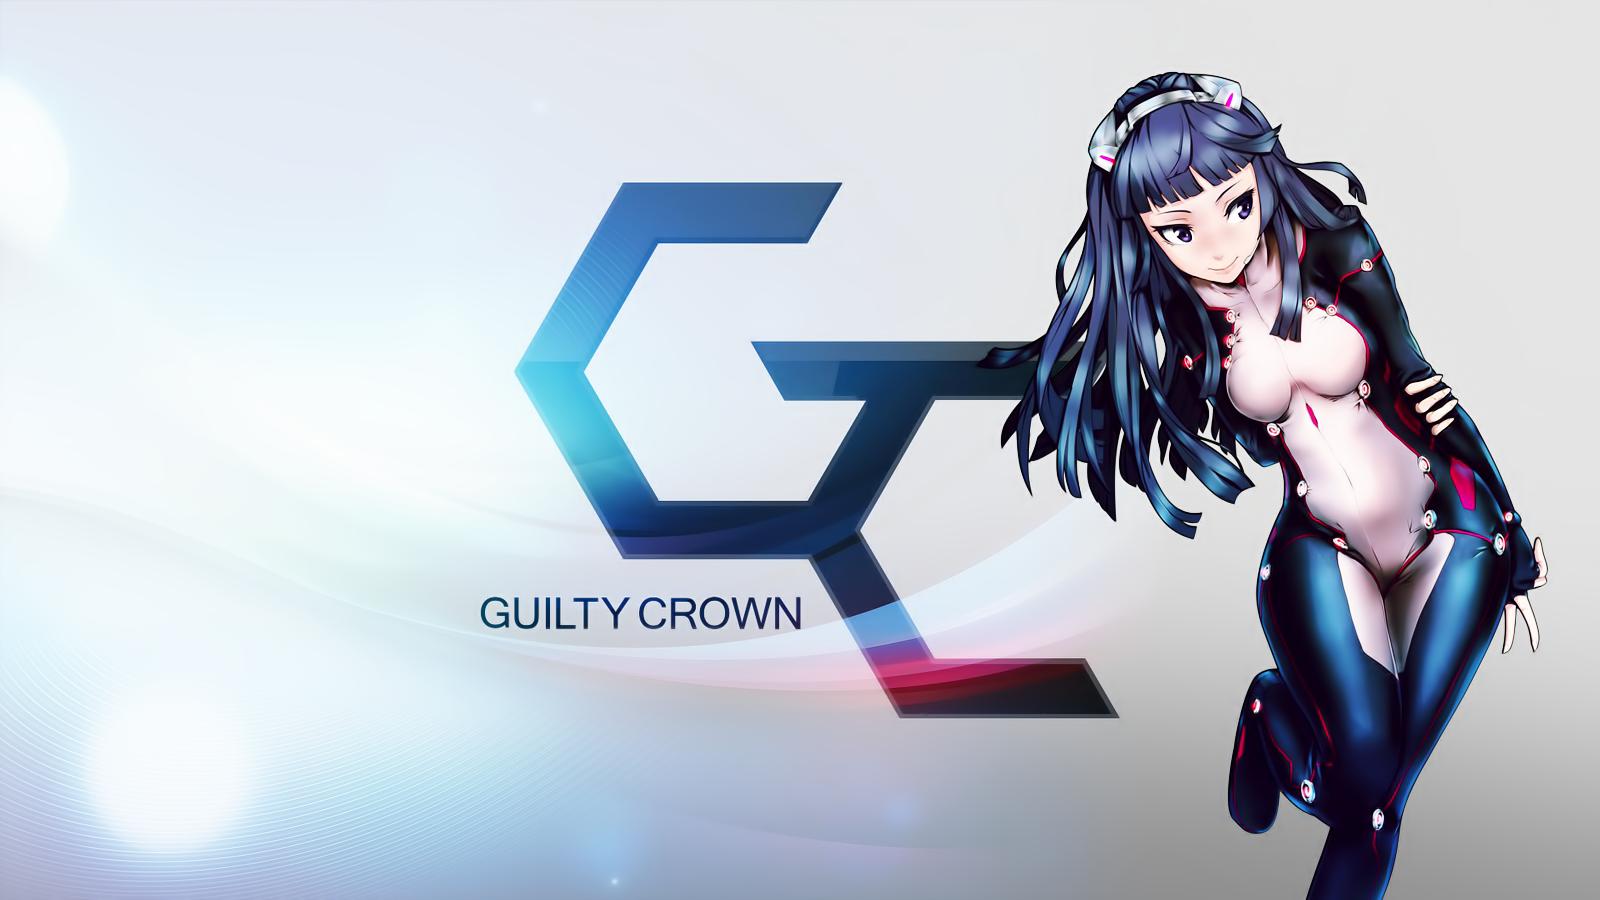 Download 650 Koleksi Wallpaper Hd Anime Guilty Crown HD Terbaik